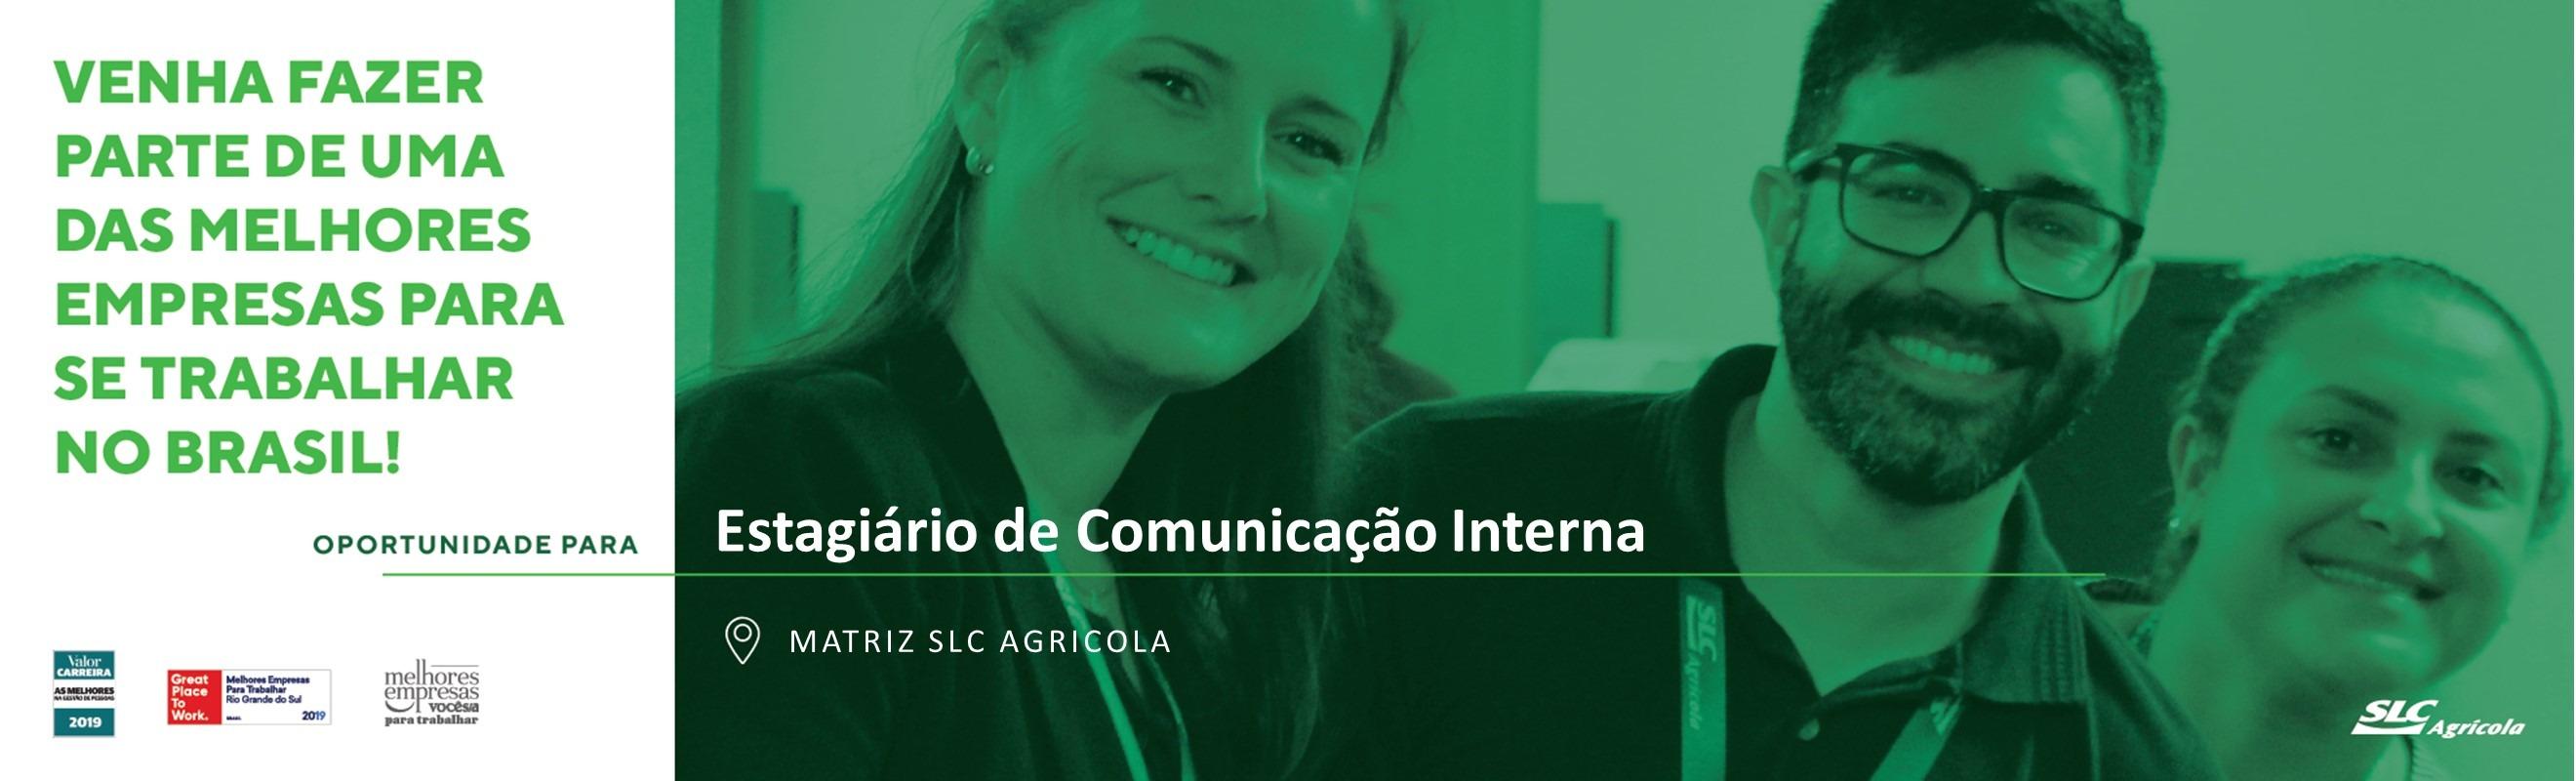 Estagiário de Comunicação Interna